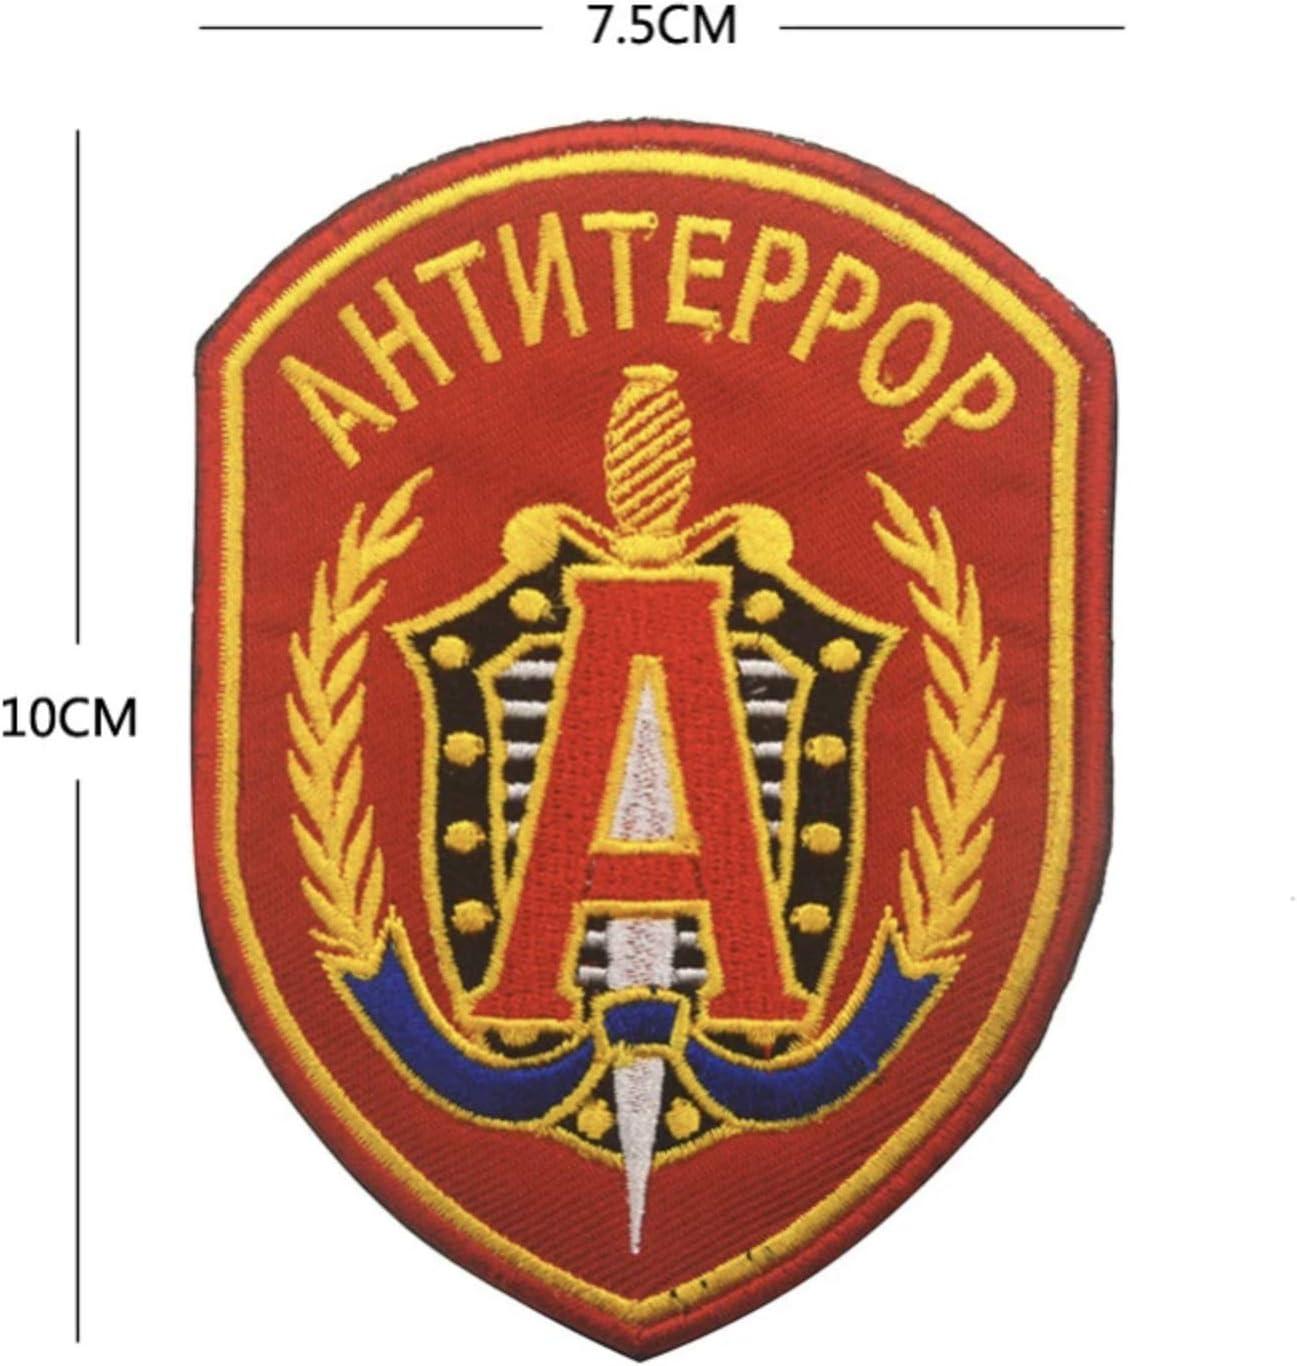 Parche Bordado de Spetsnaz AntiTerror de Las Fuerzas Especiales Rusas para Airsoft Morale Cosplay, Rojo, 75mm x 100mm: Amazon.es: Deportes y aire libre